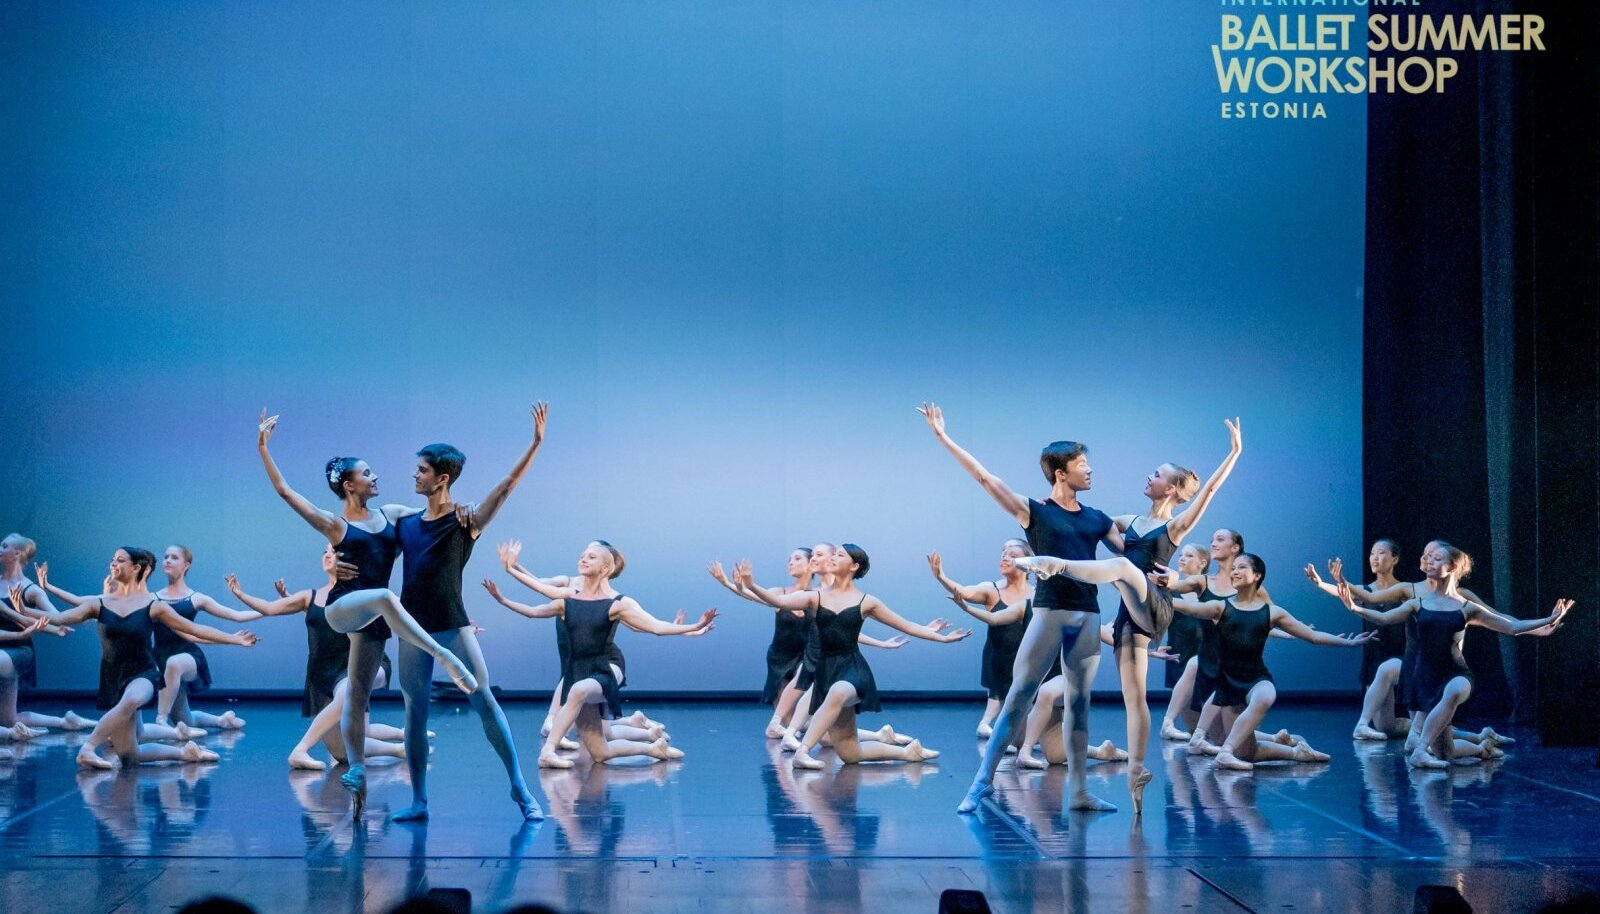 Suveöö balletigala 2021